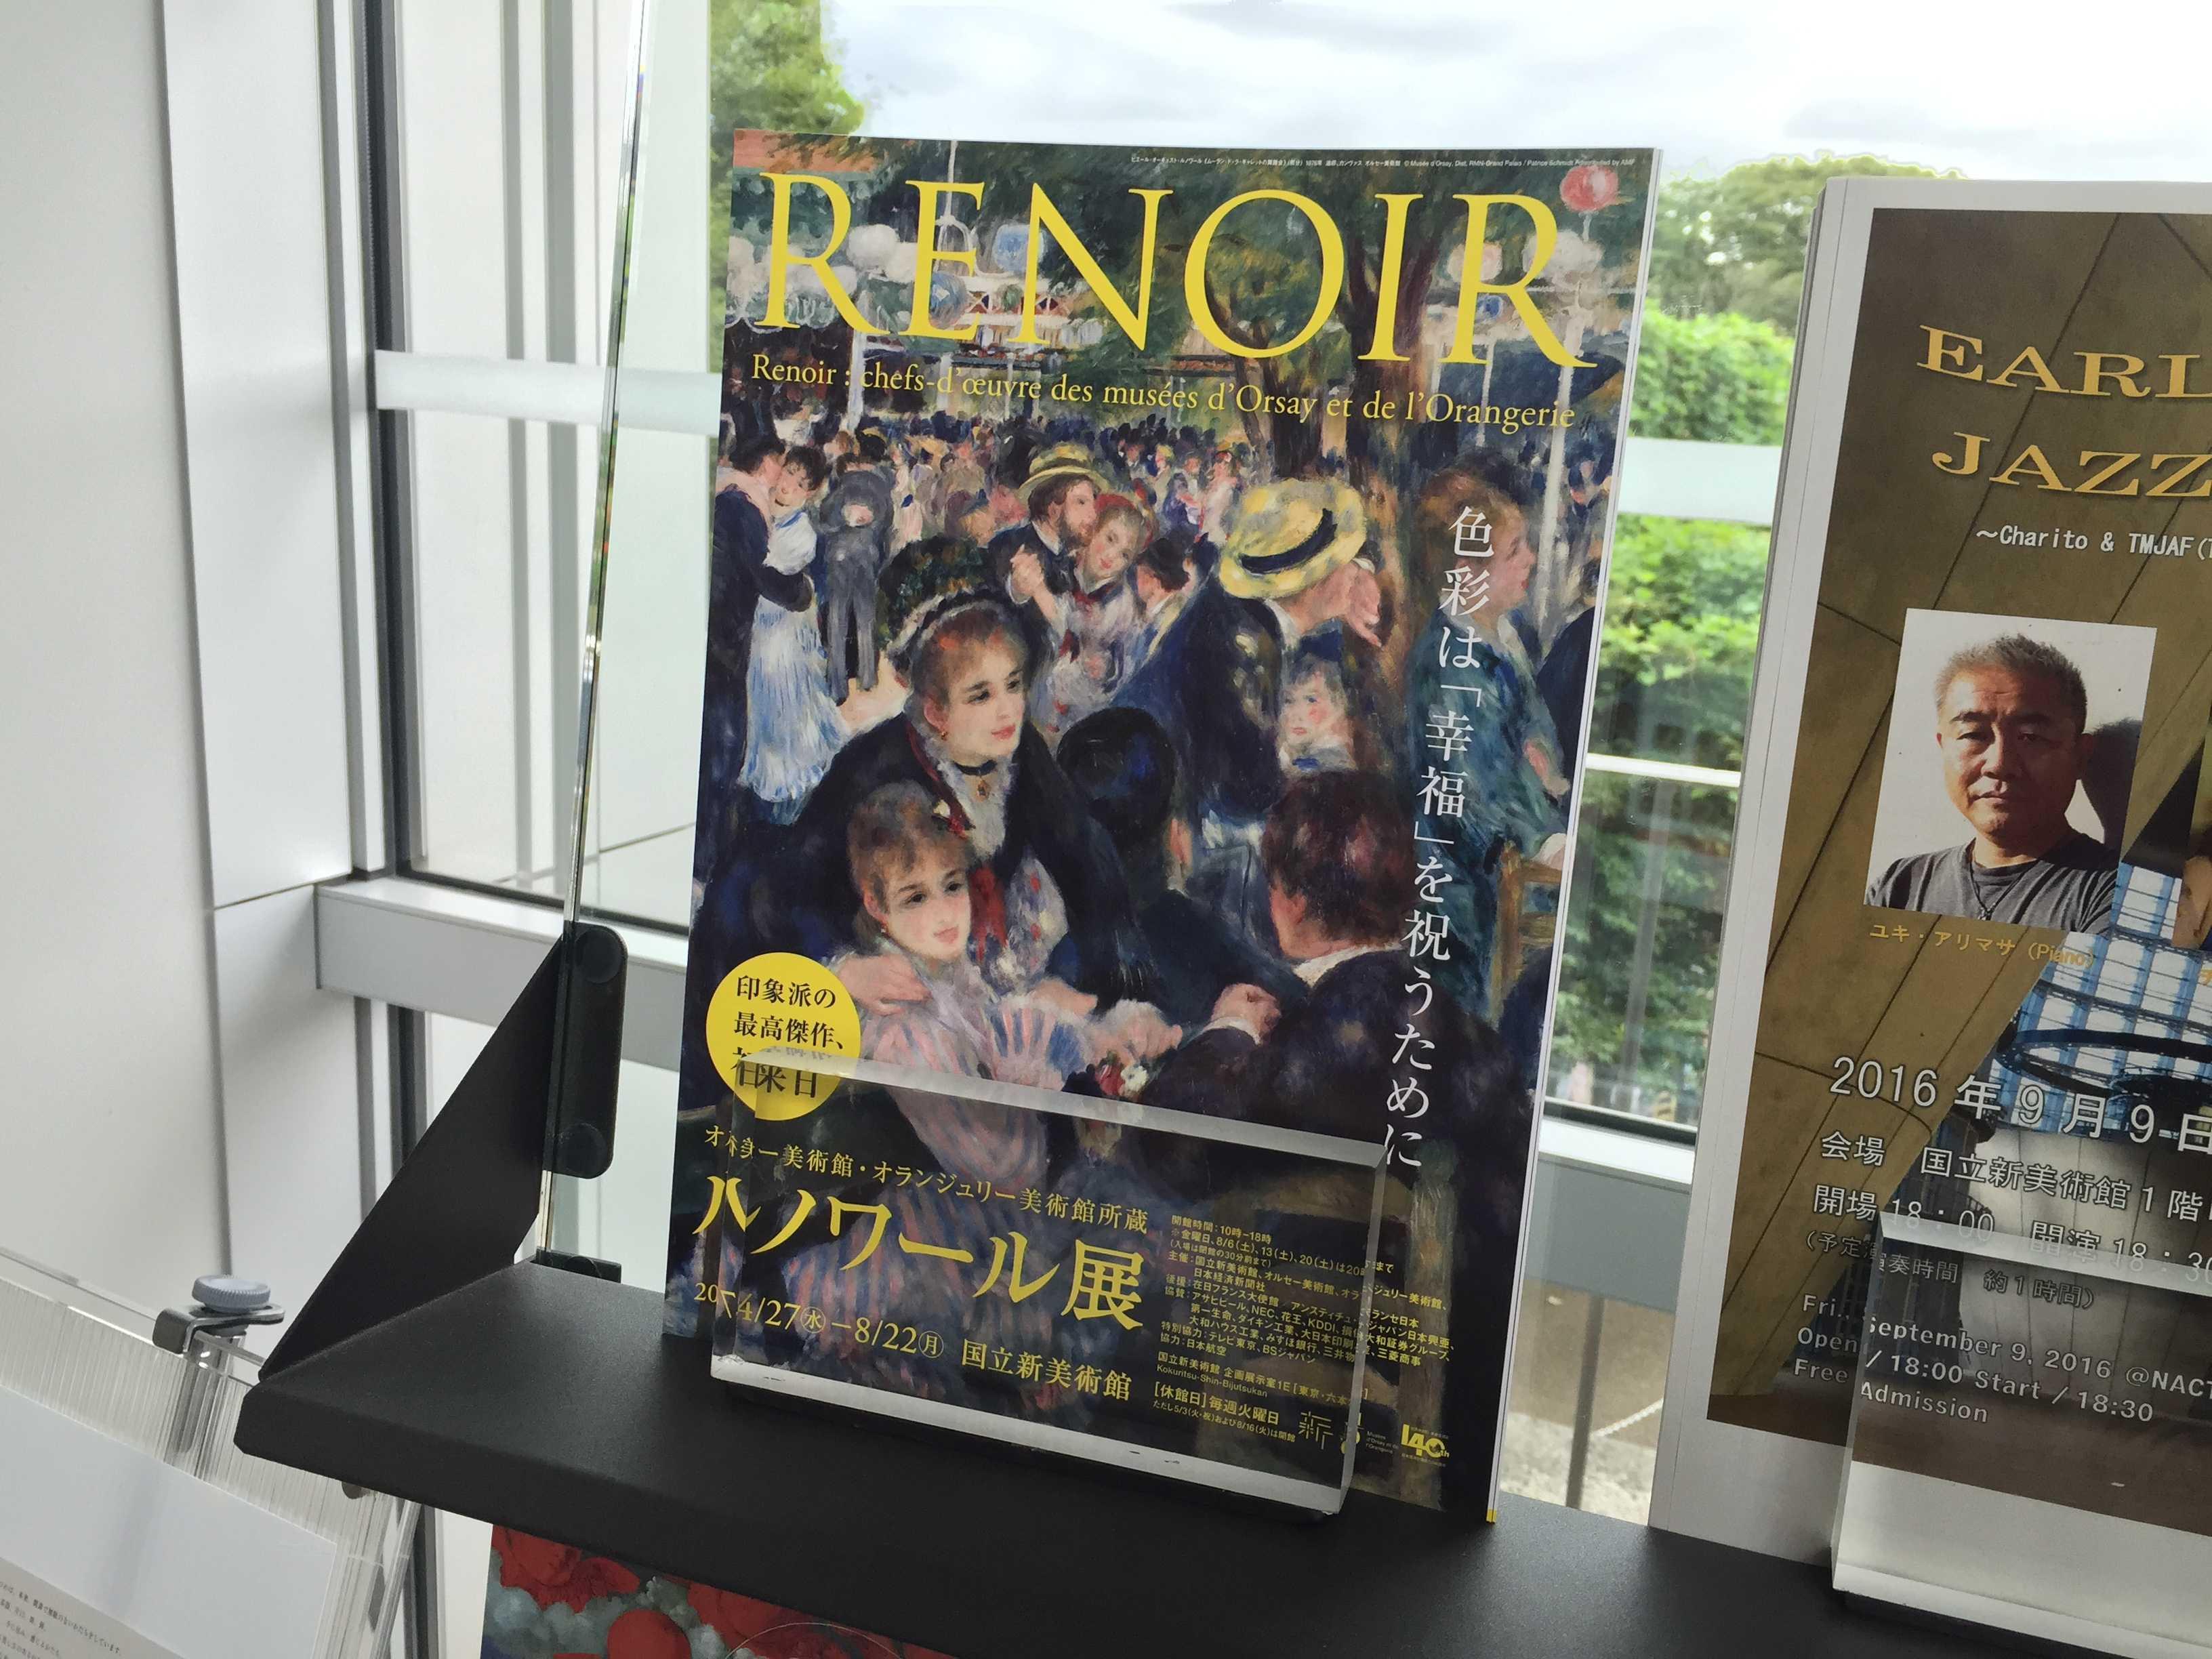 RENOIR ルノワール展のパンフレット